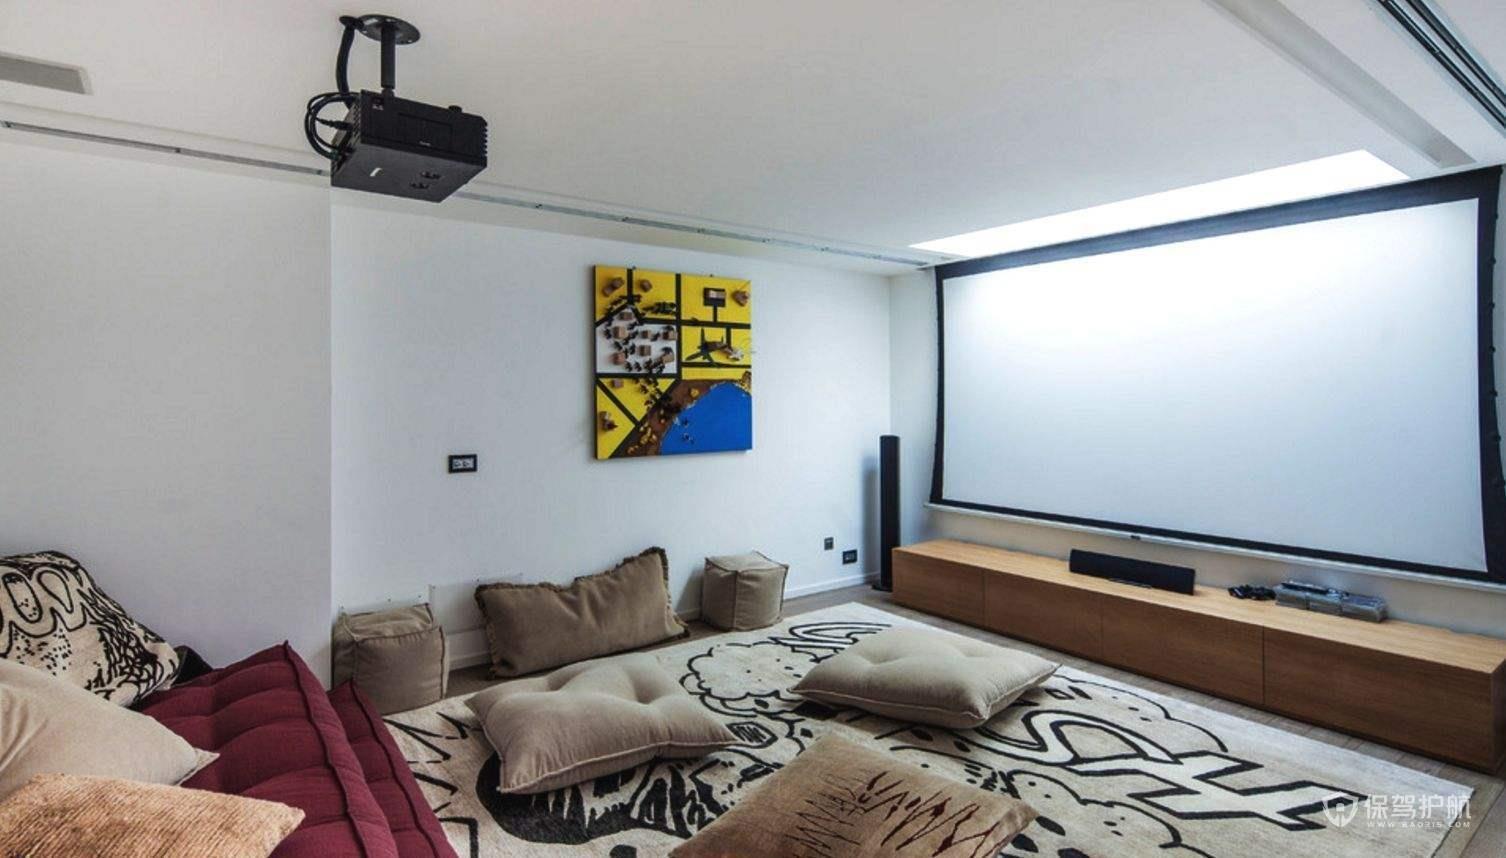 客廳可以不裝電視墻嗎?客廳不裝電視墻怎么做?